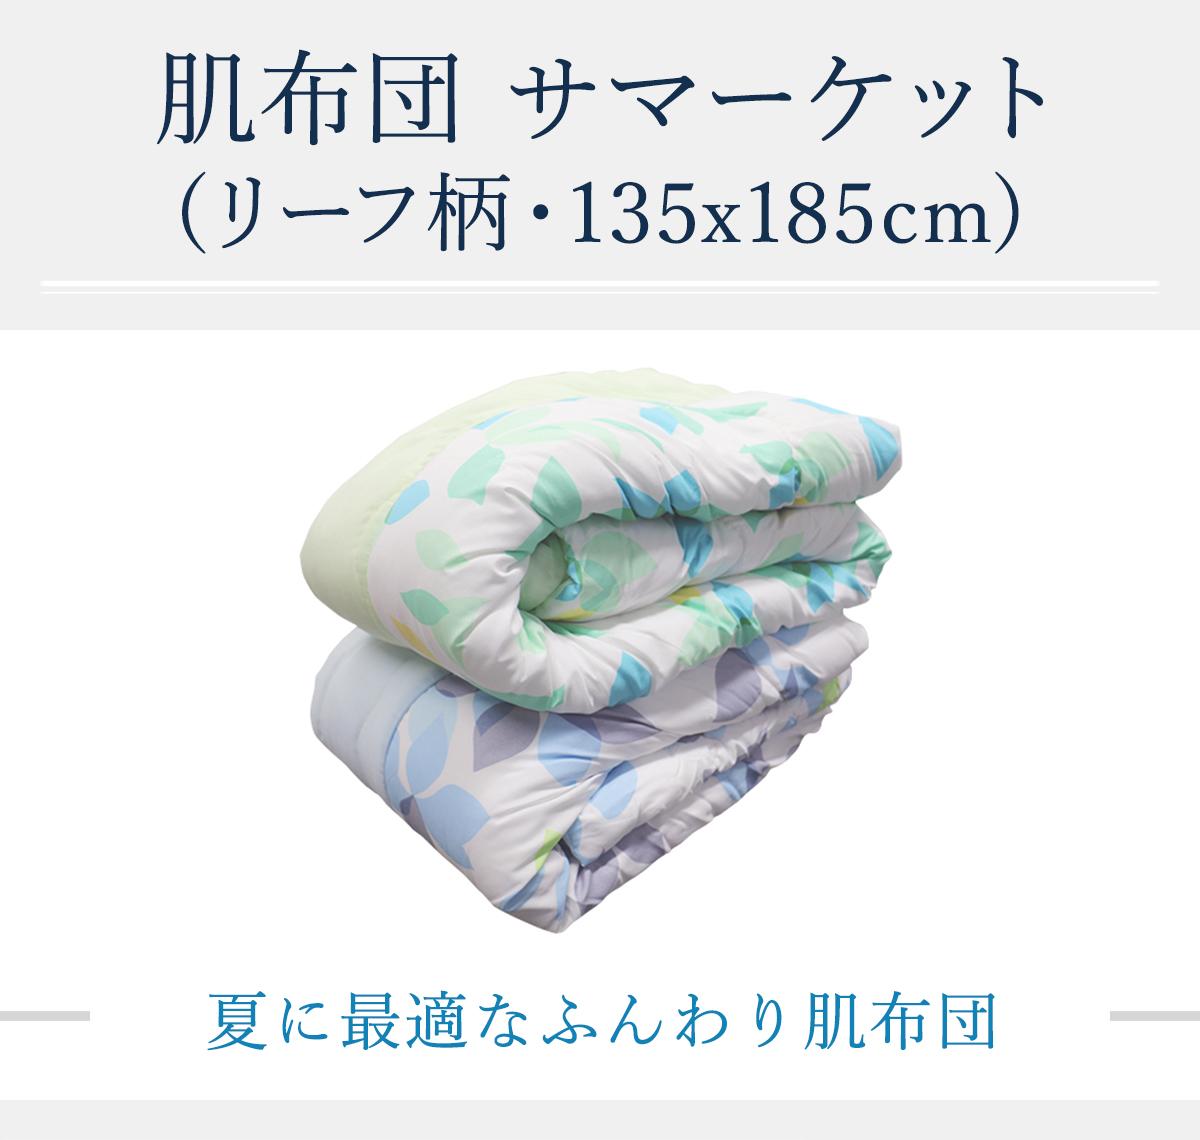 肌布団 サマーケット リーフ柄(135x185cm)